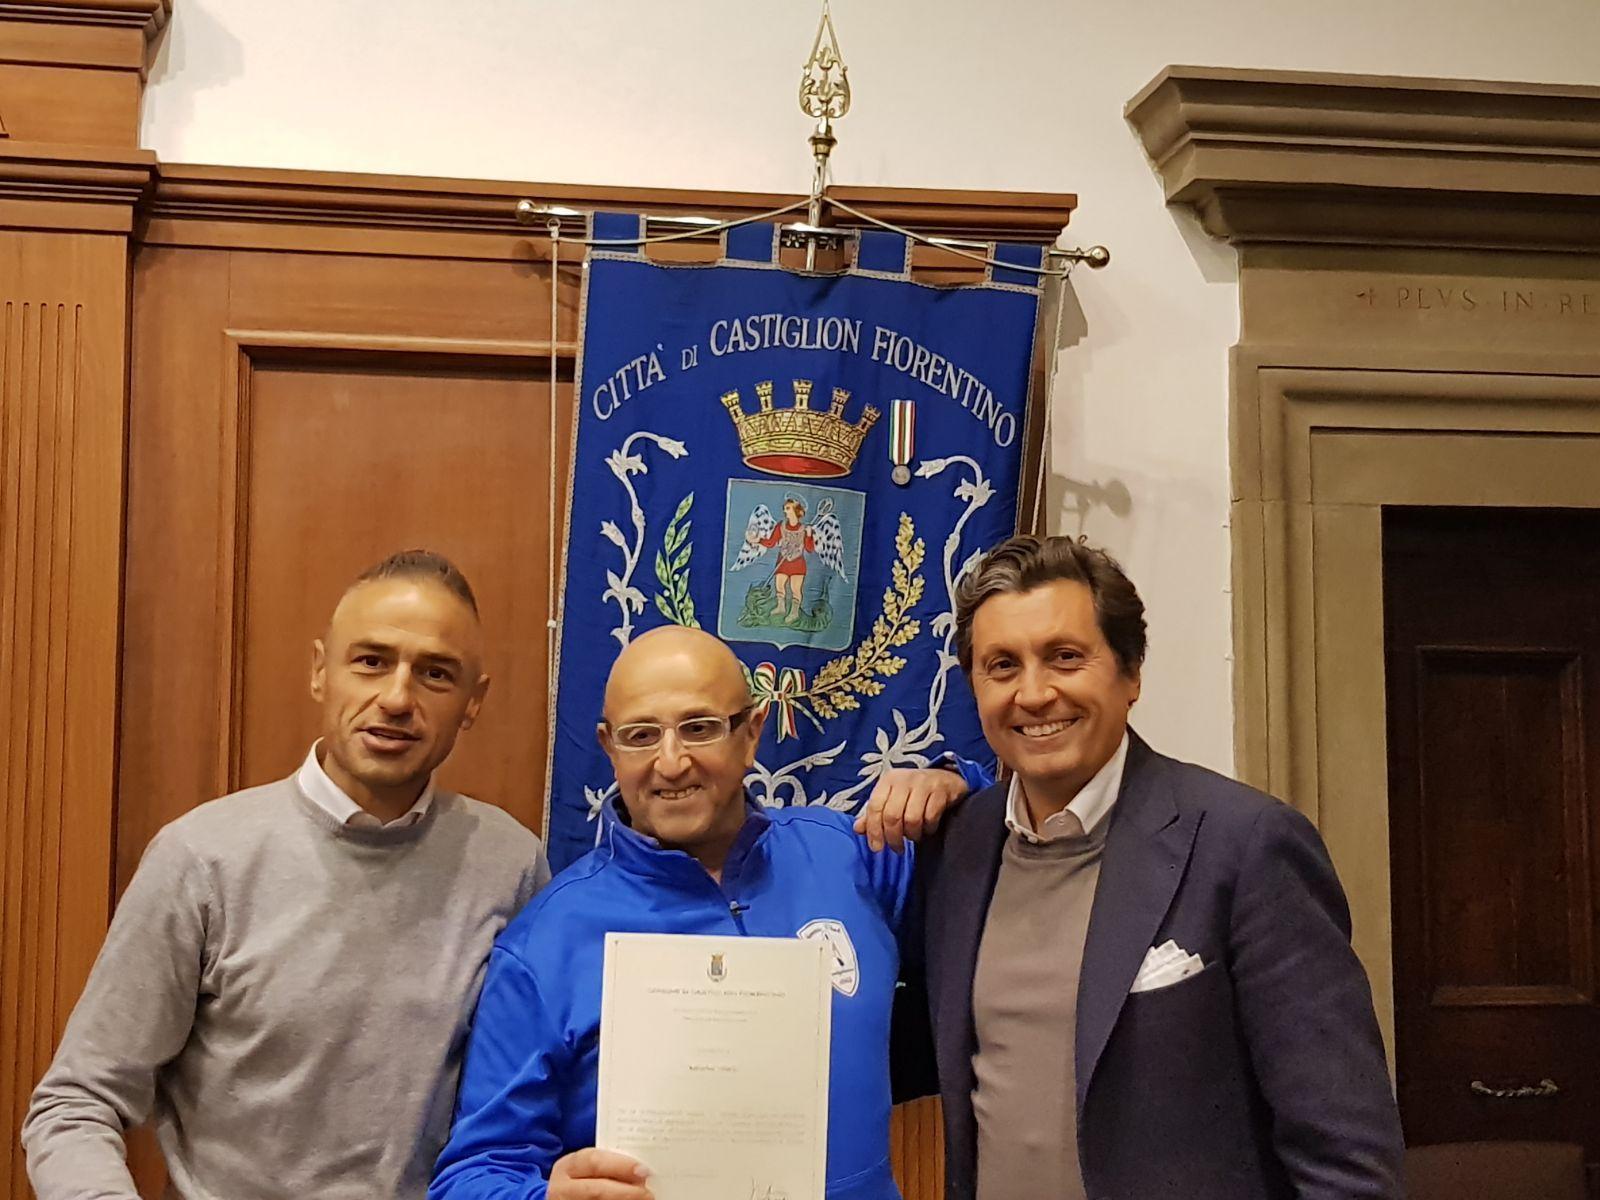 Un riconoscimento a Valerio Ballerini, un pezzo di storia del tennis castiglionese